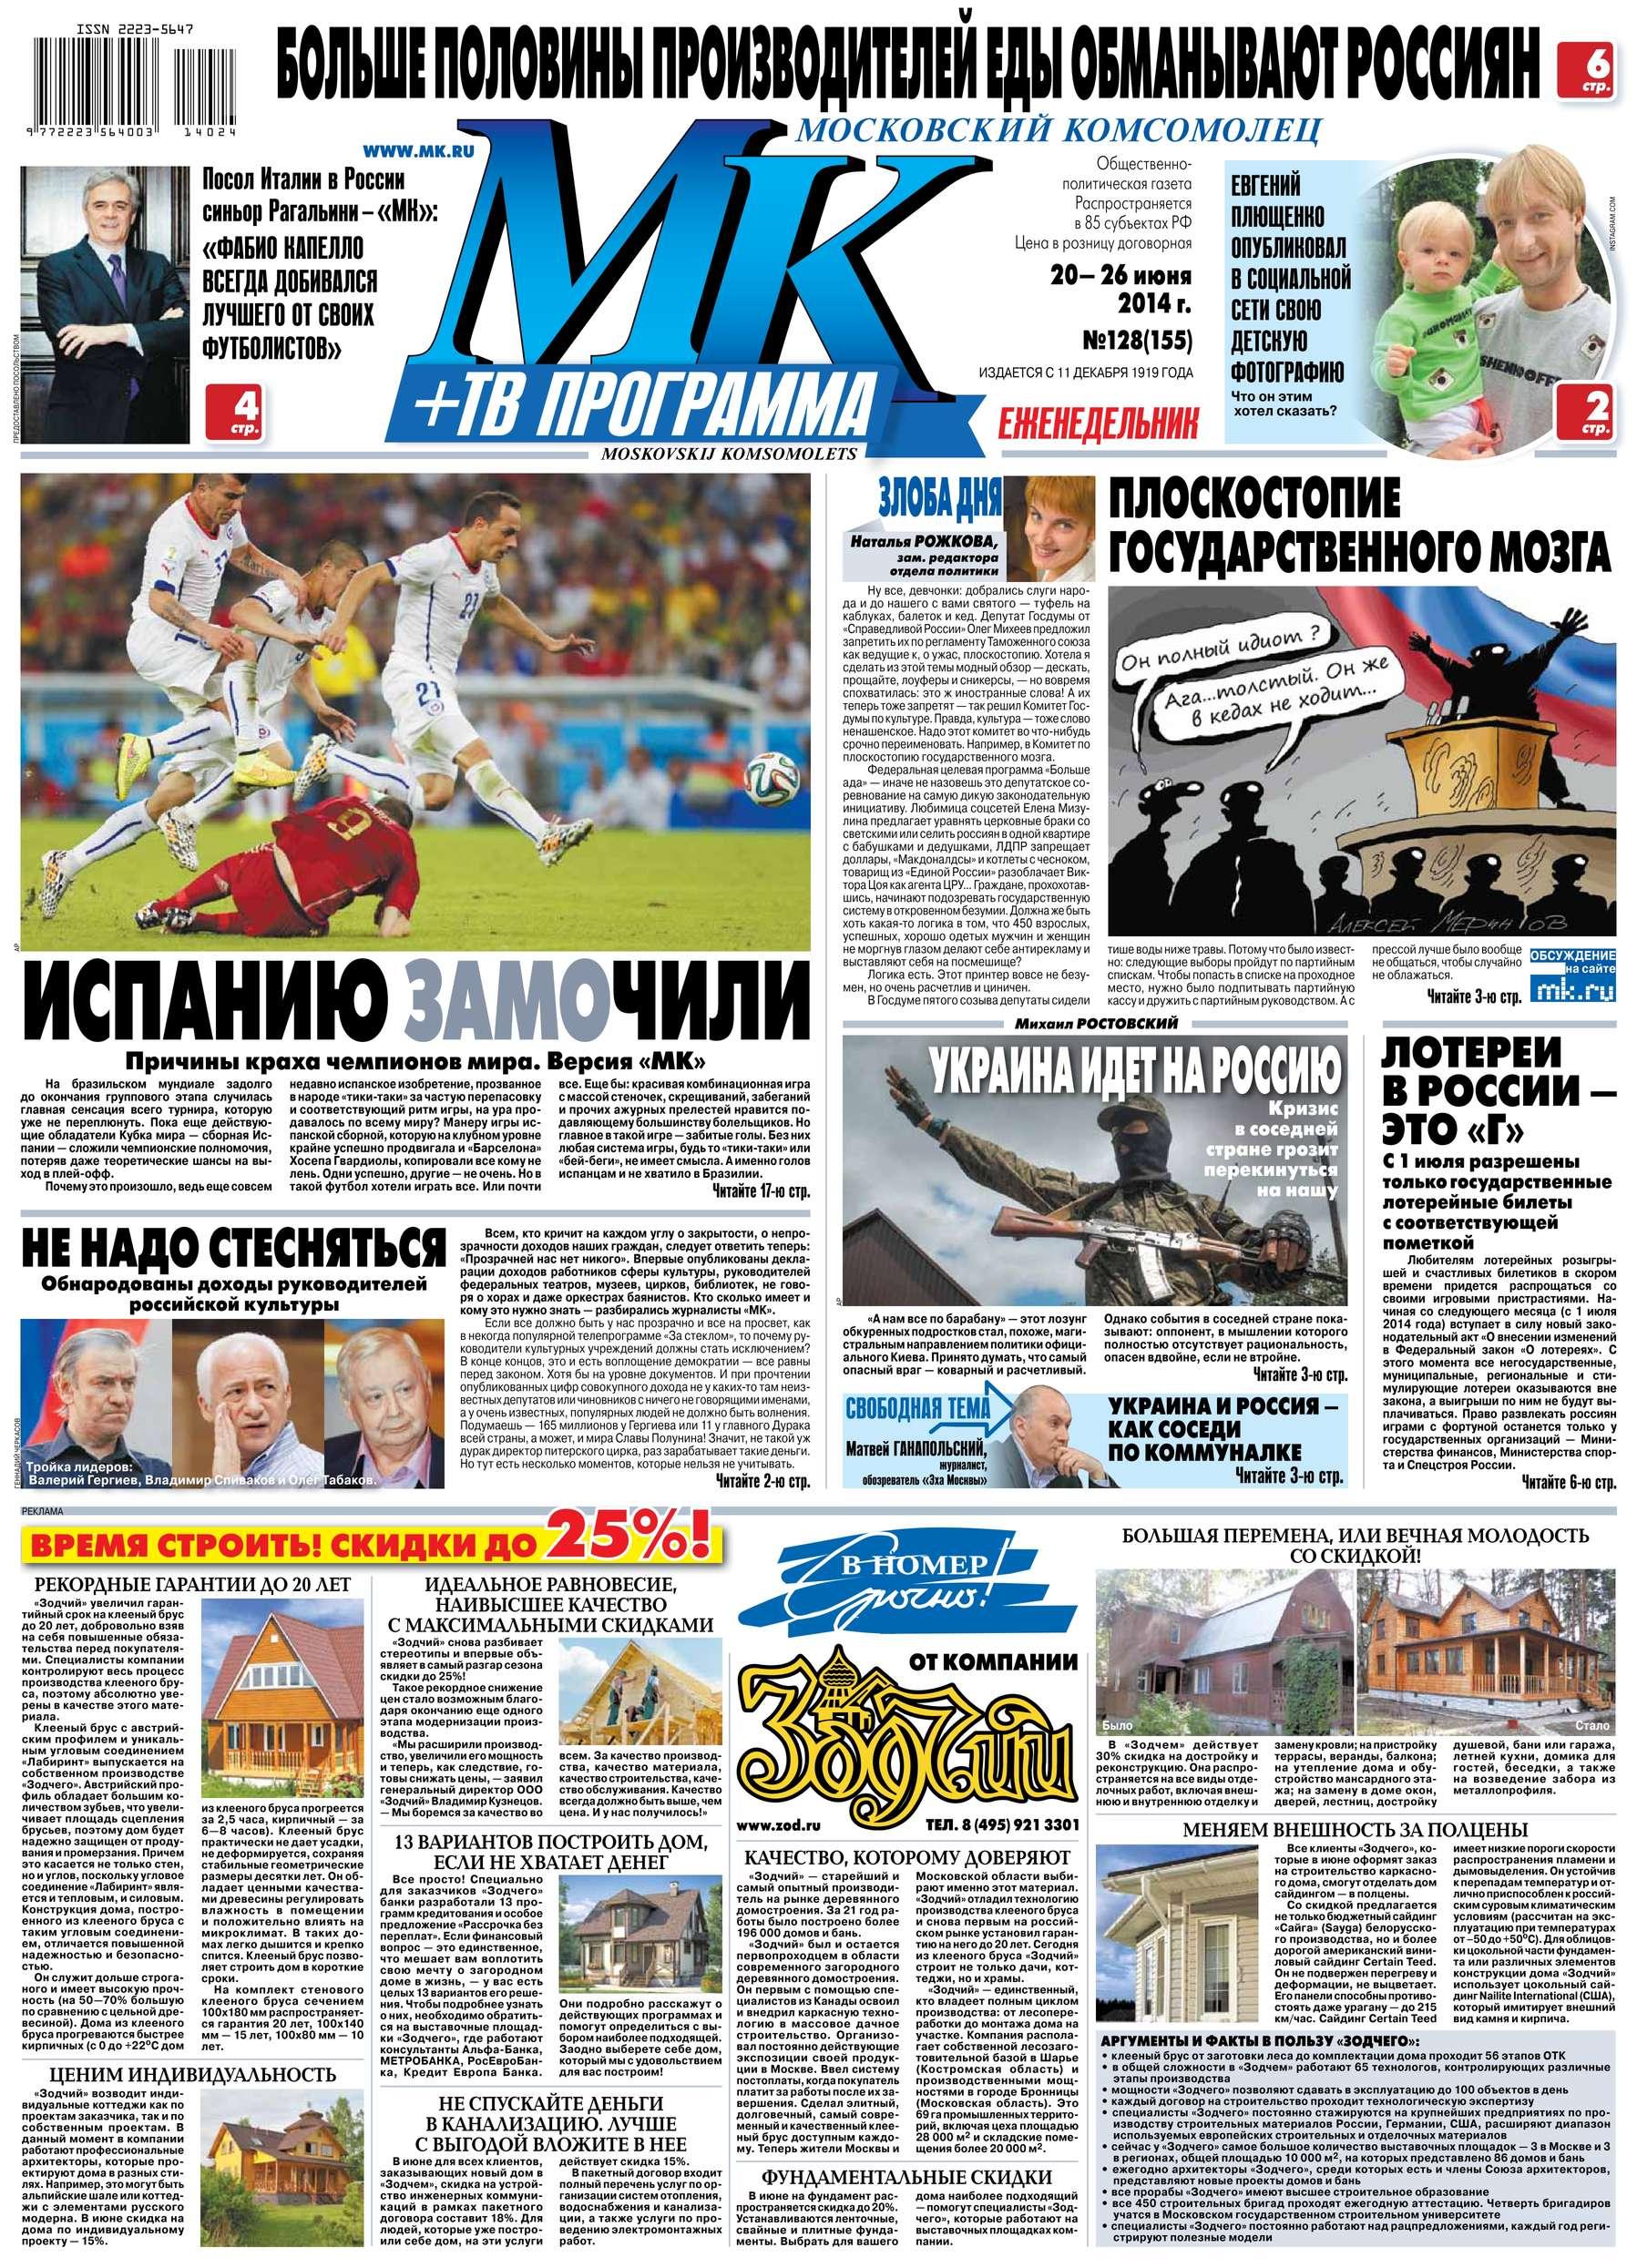 Редакция газеты МК Московский Комсомолец МК Московский комсомолец 128-2014